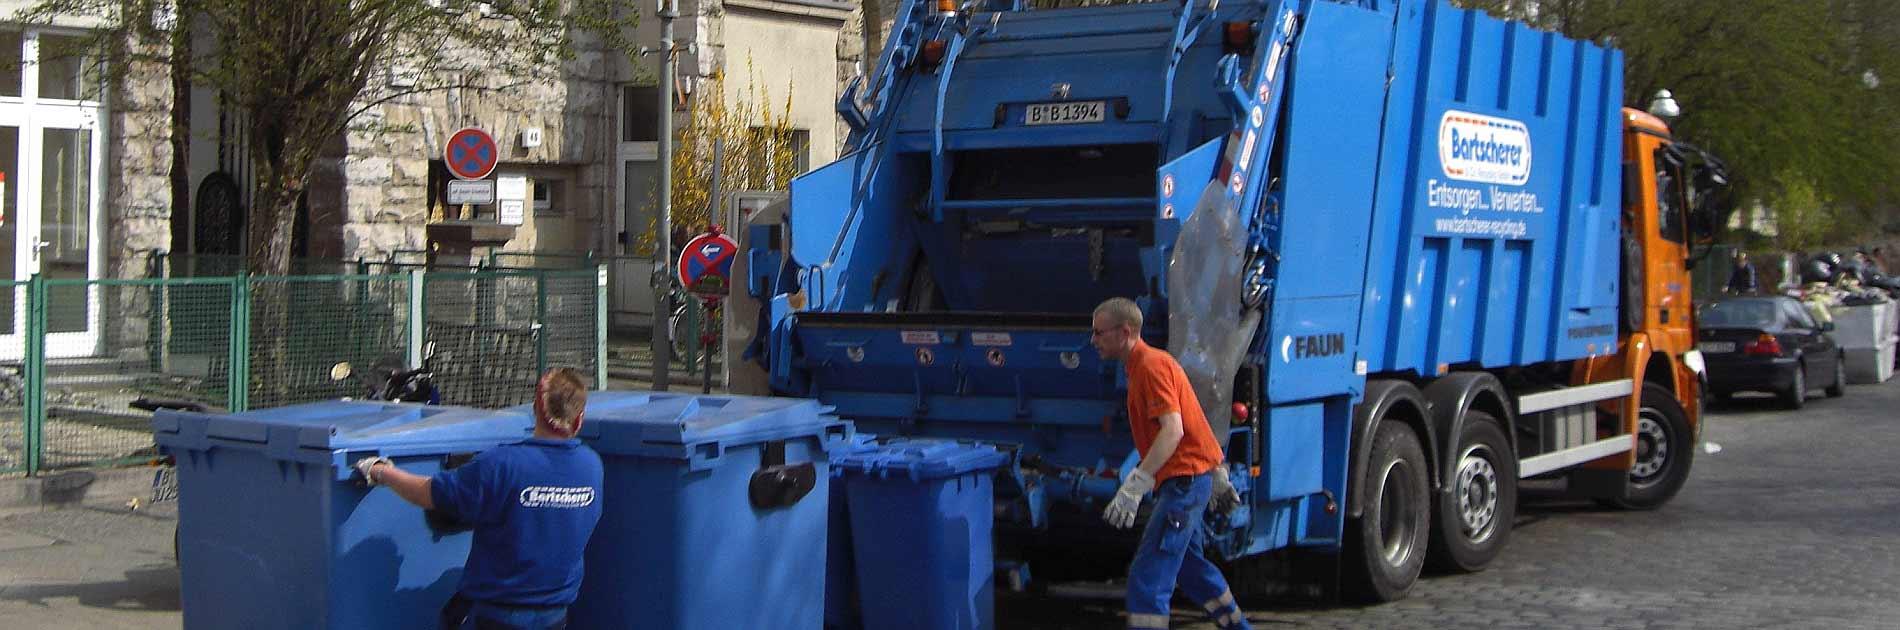 Müllabfuhr bei der Arbeit